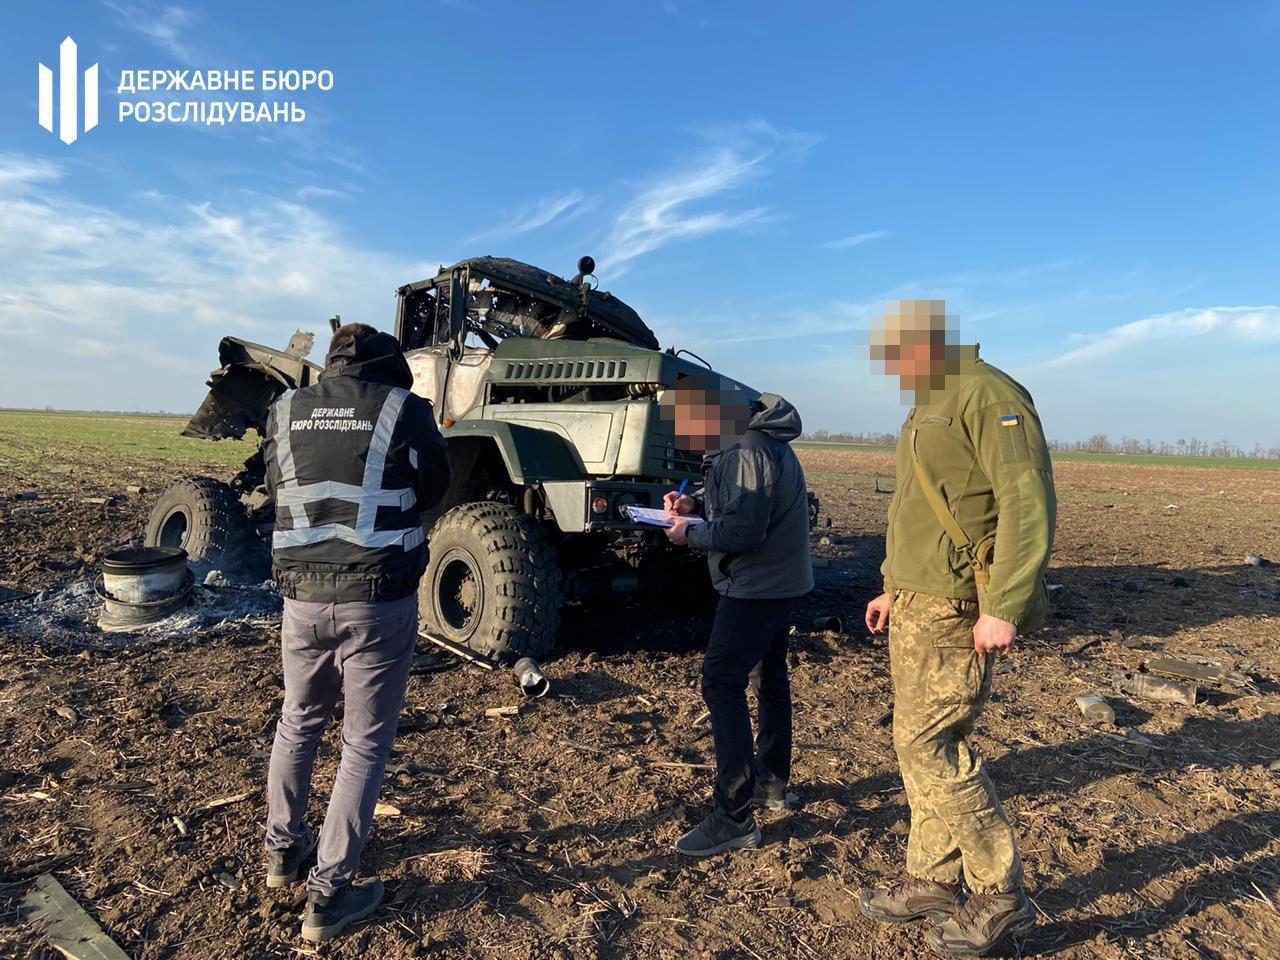 В військовій вантажівці вибухнули боєприпаси_4